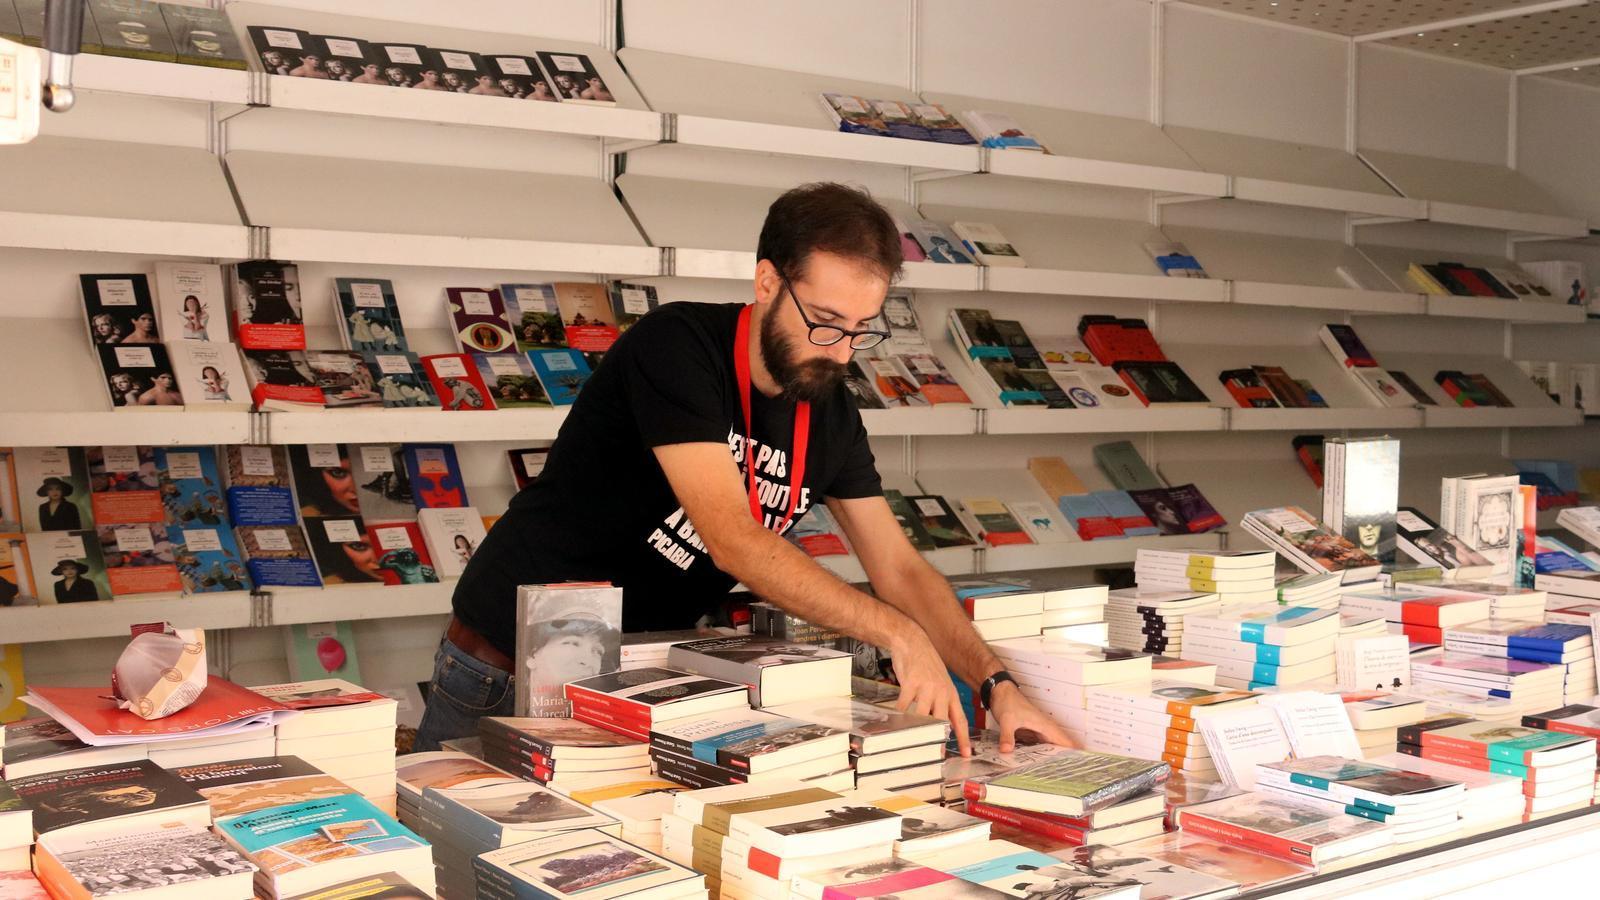 La Setmana del Llibre en Català continua creixent